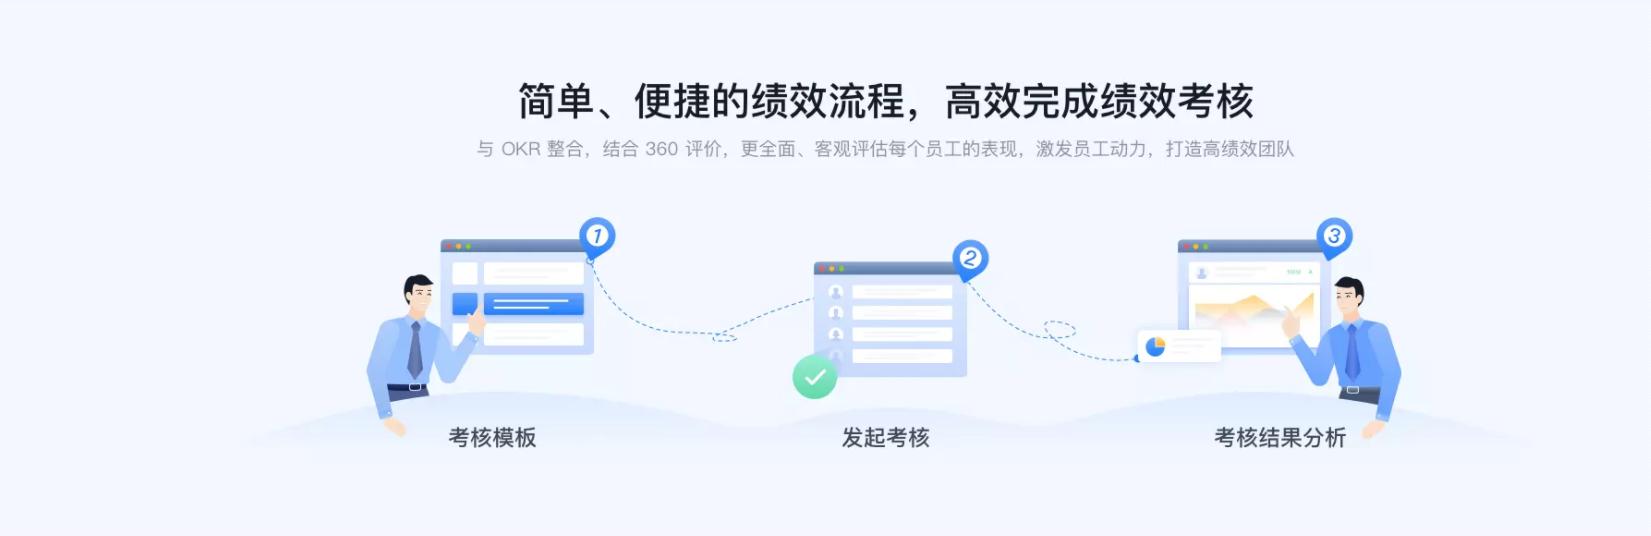 tita.com 升级 | 「绩效考核」全新上线